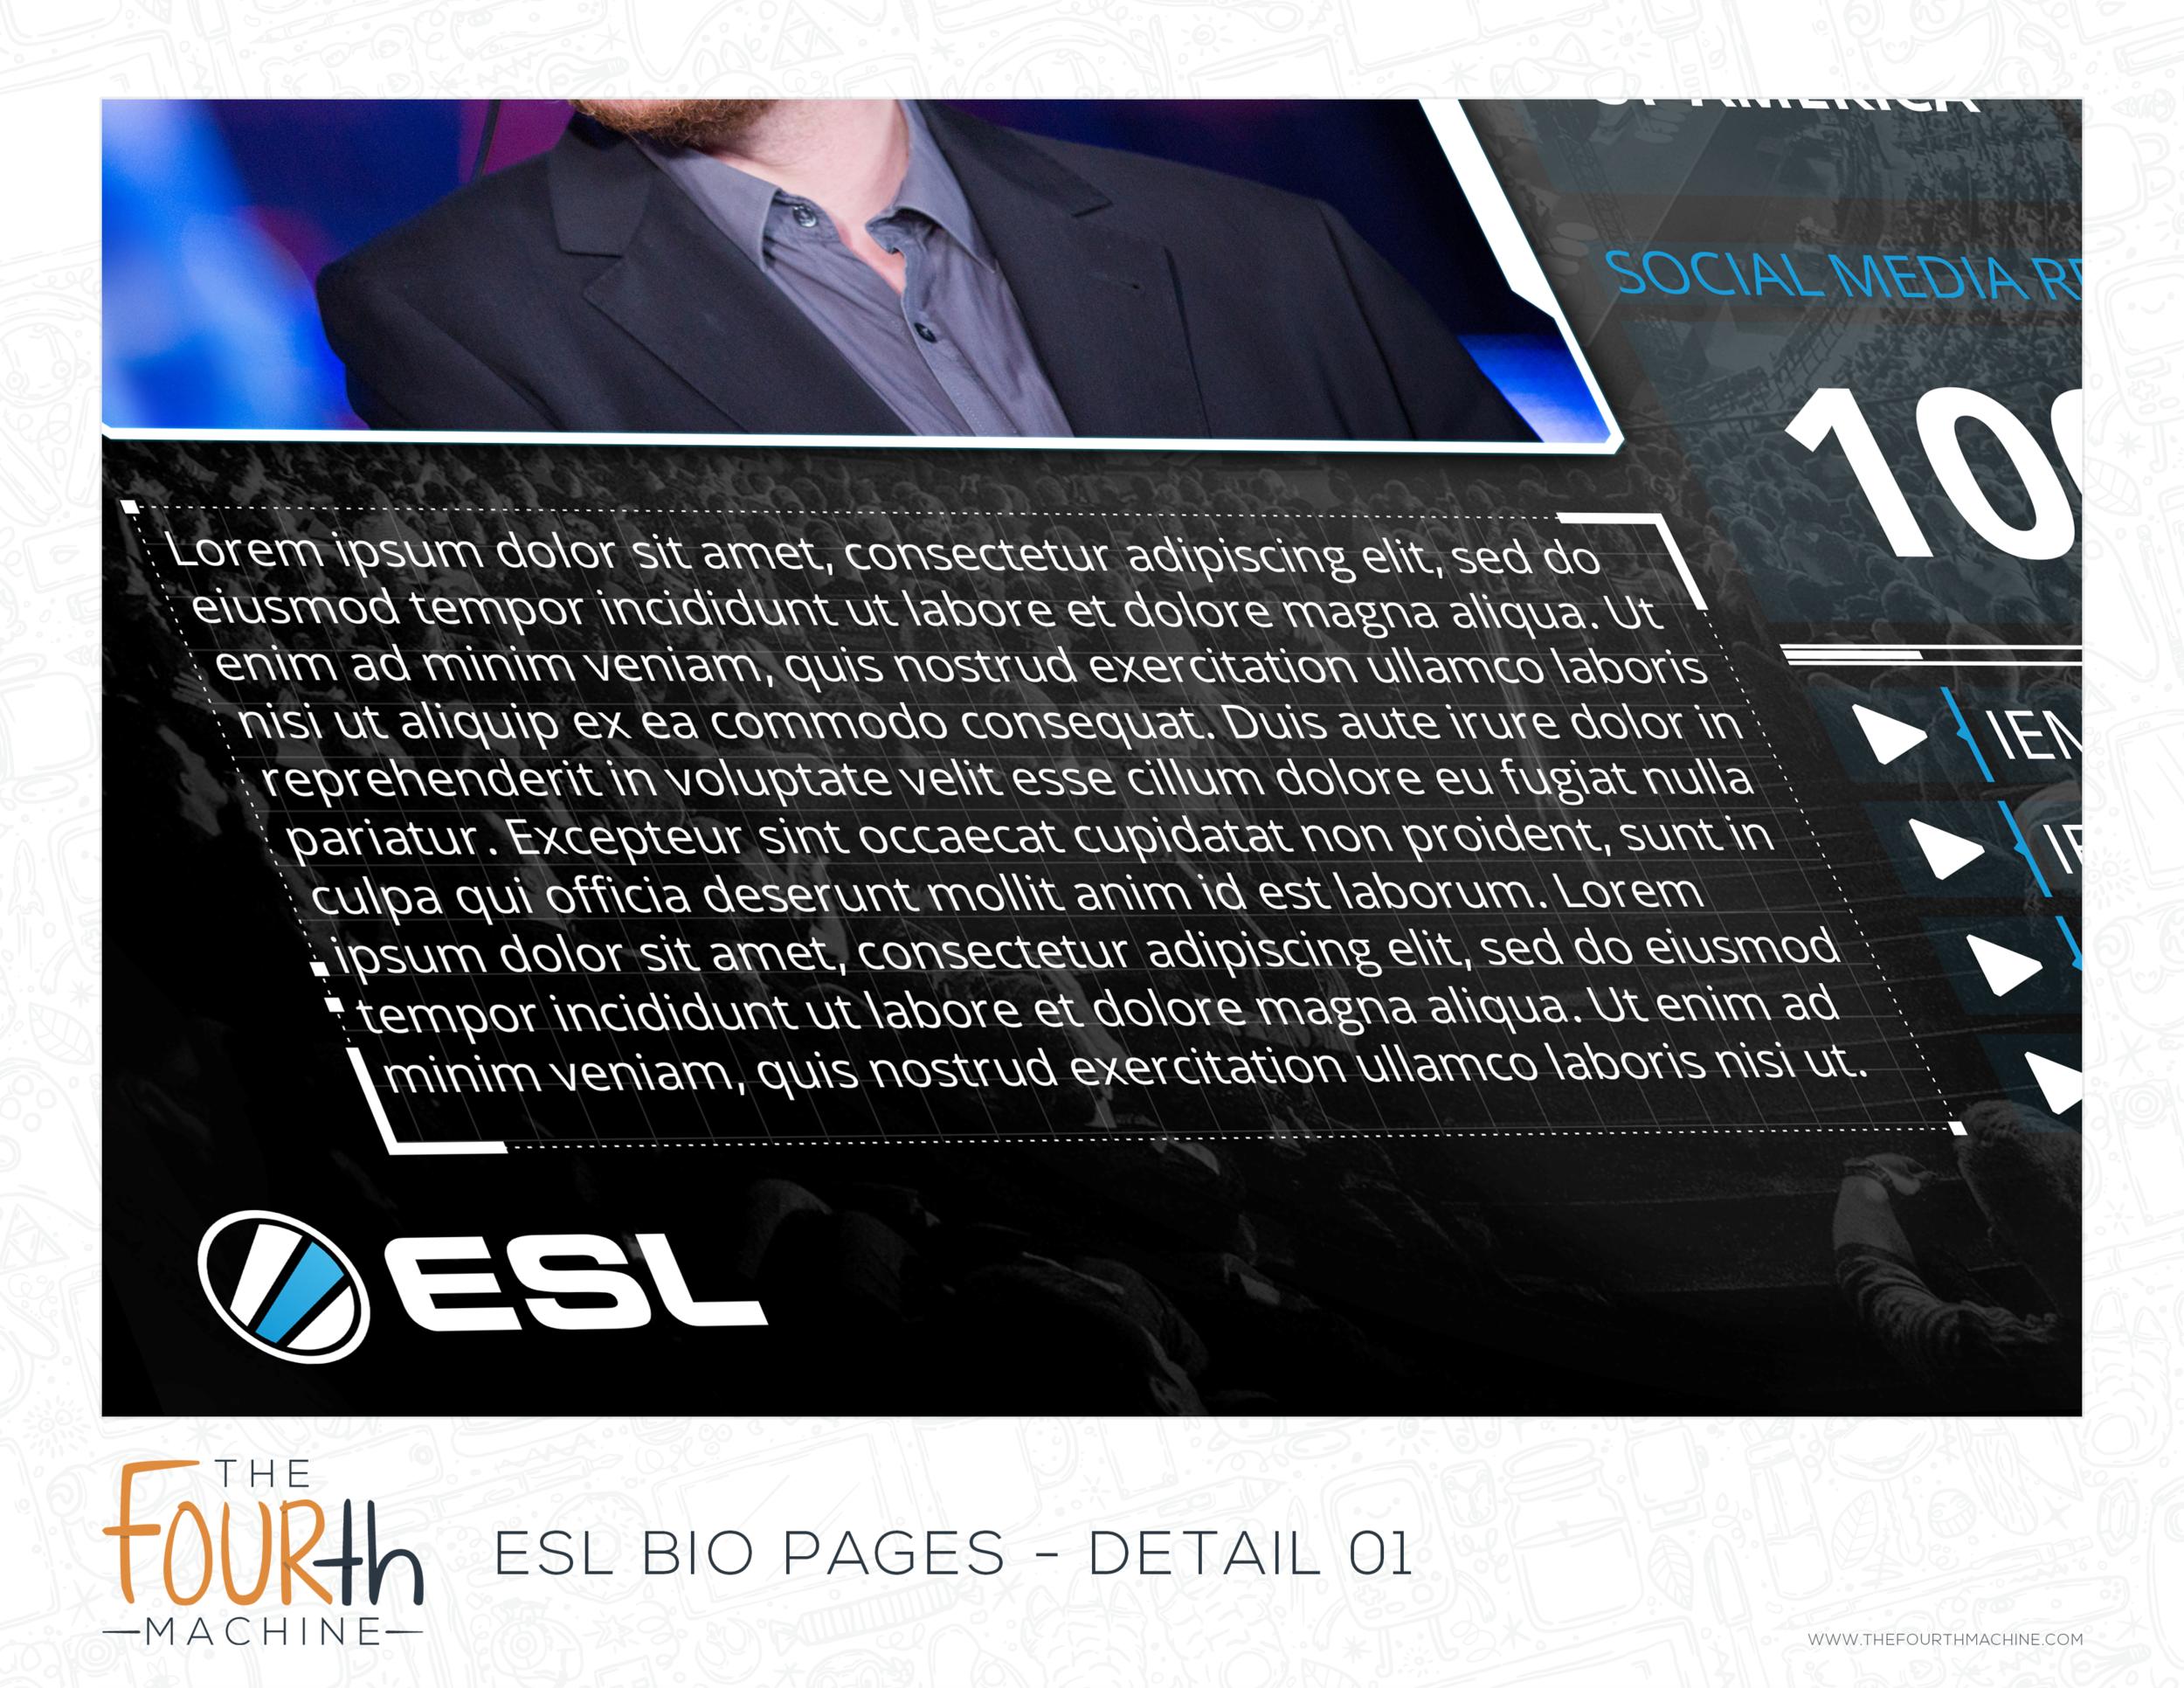 TFM_ESL_Bio_Pages_Detail_01.png